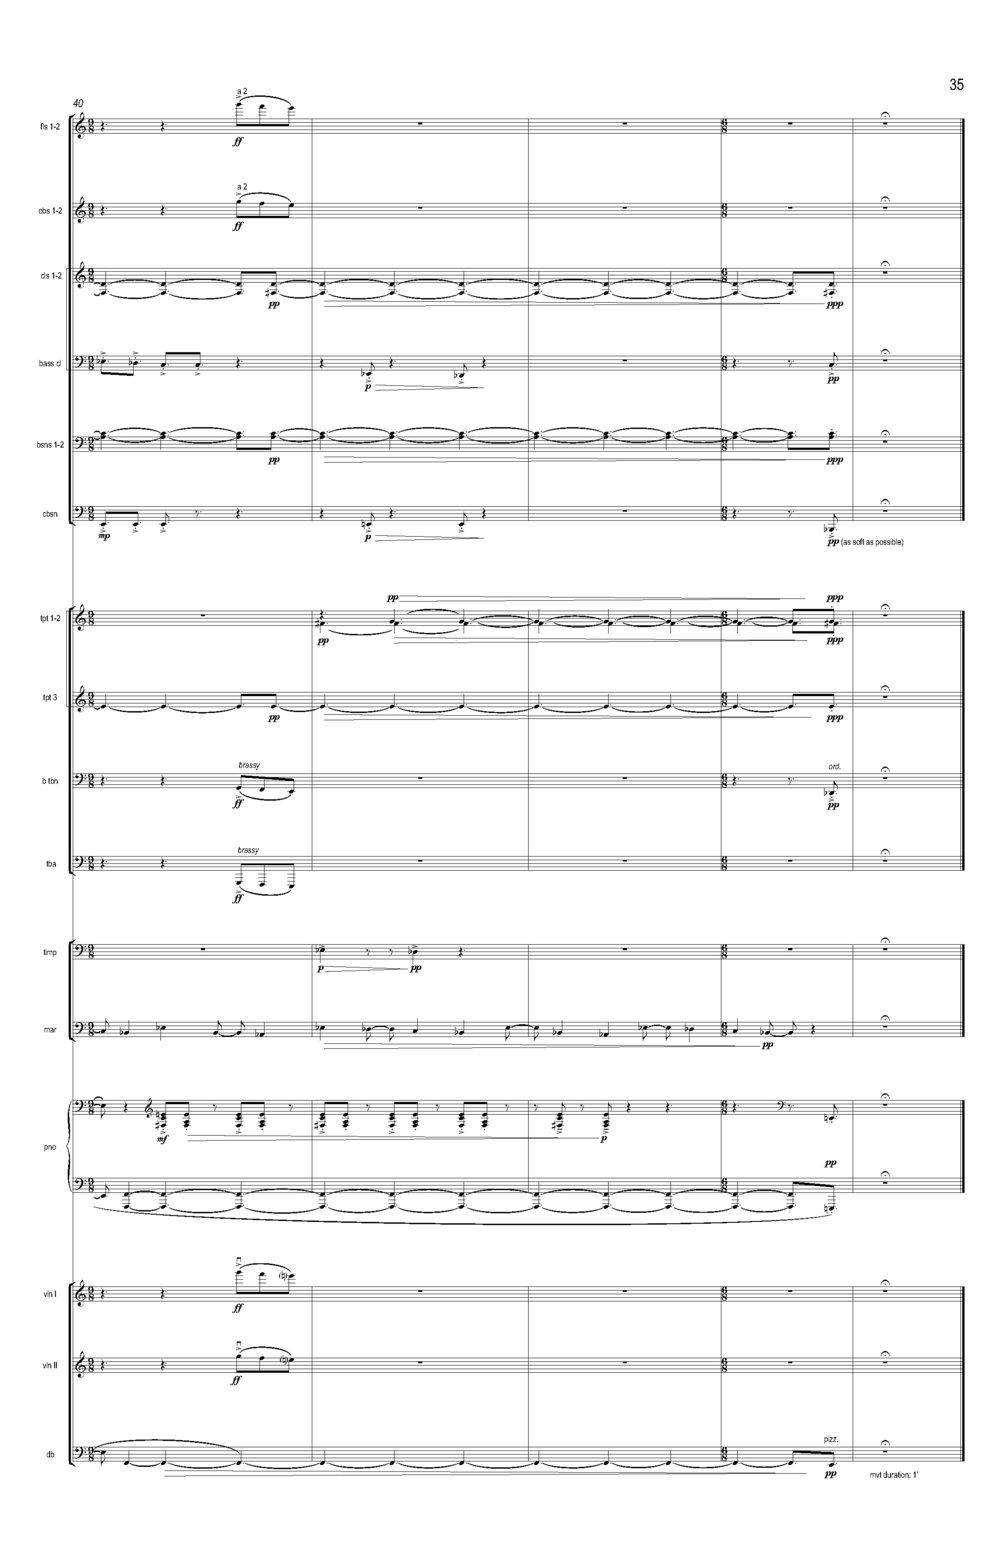 Ciach_Collective Uncommon REVISED_Full Score (Feb 2017)_Seite_41.jpg